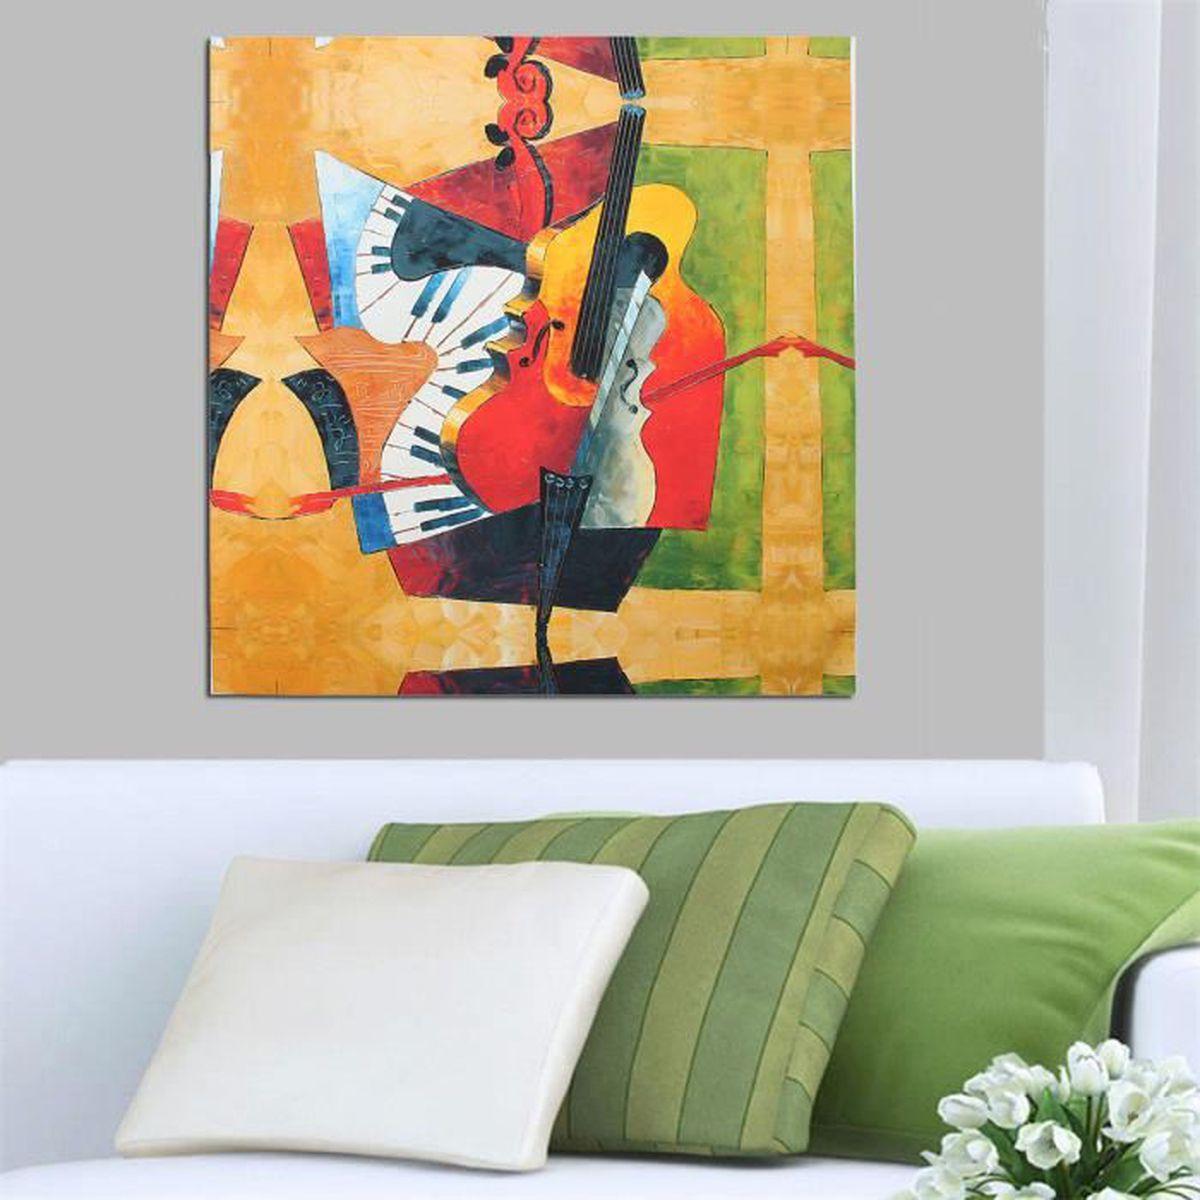 peinture huile violon toile tableau moderne mural art d coration achat vente tableau toile. Black Bedroom Furniture Sets. Home Design Ideas